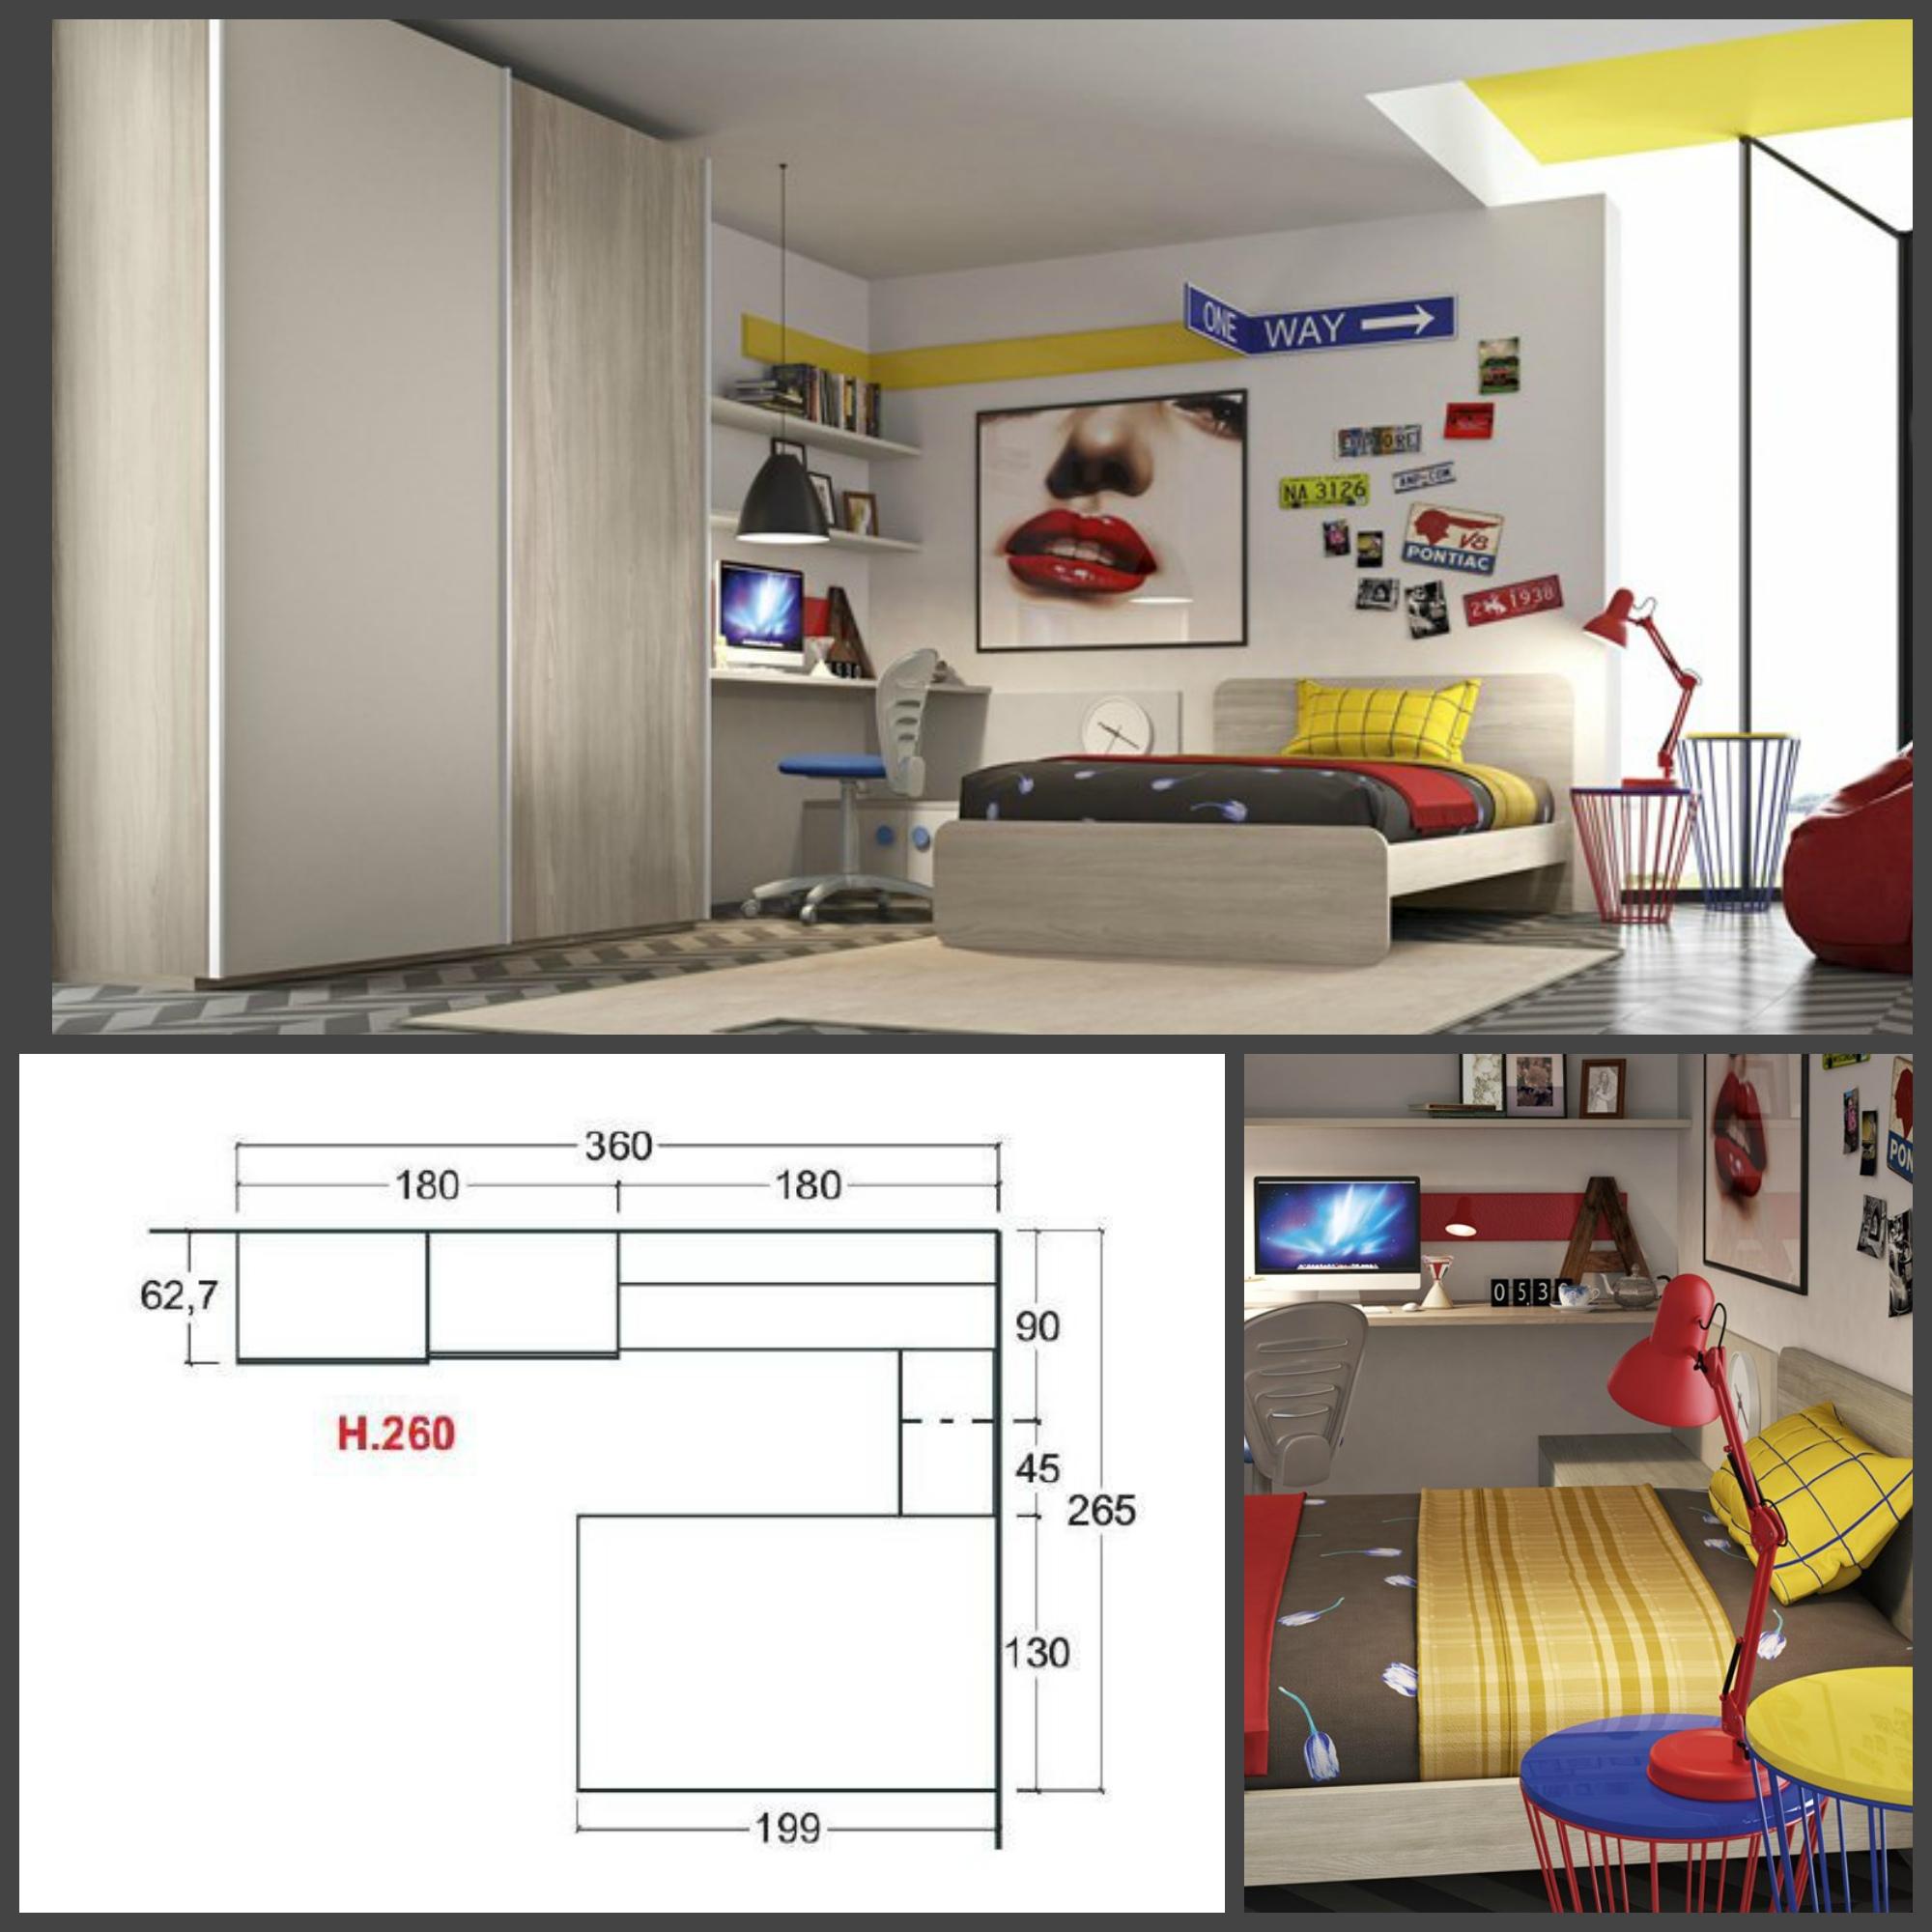 Dimensioni di un letto dimensioni del letto a una piazza for Dimensioni del garage di 2 e mezzo